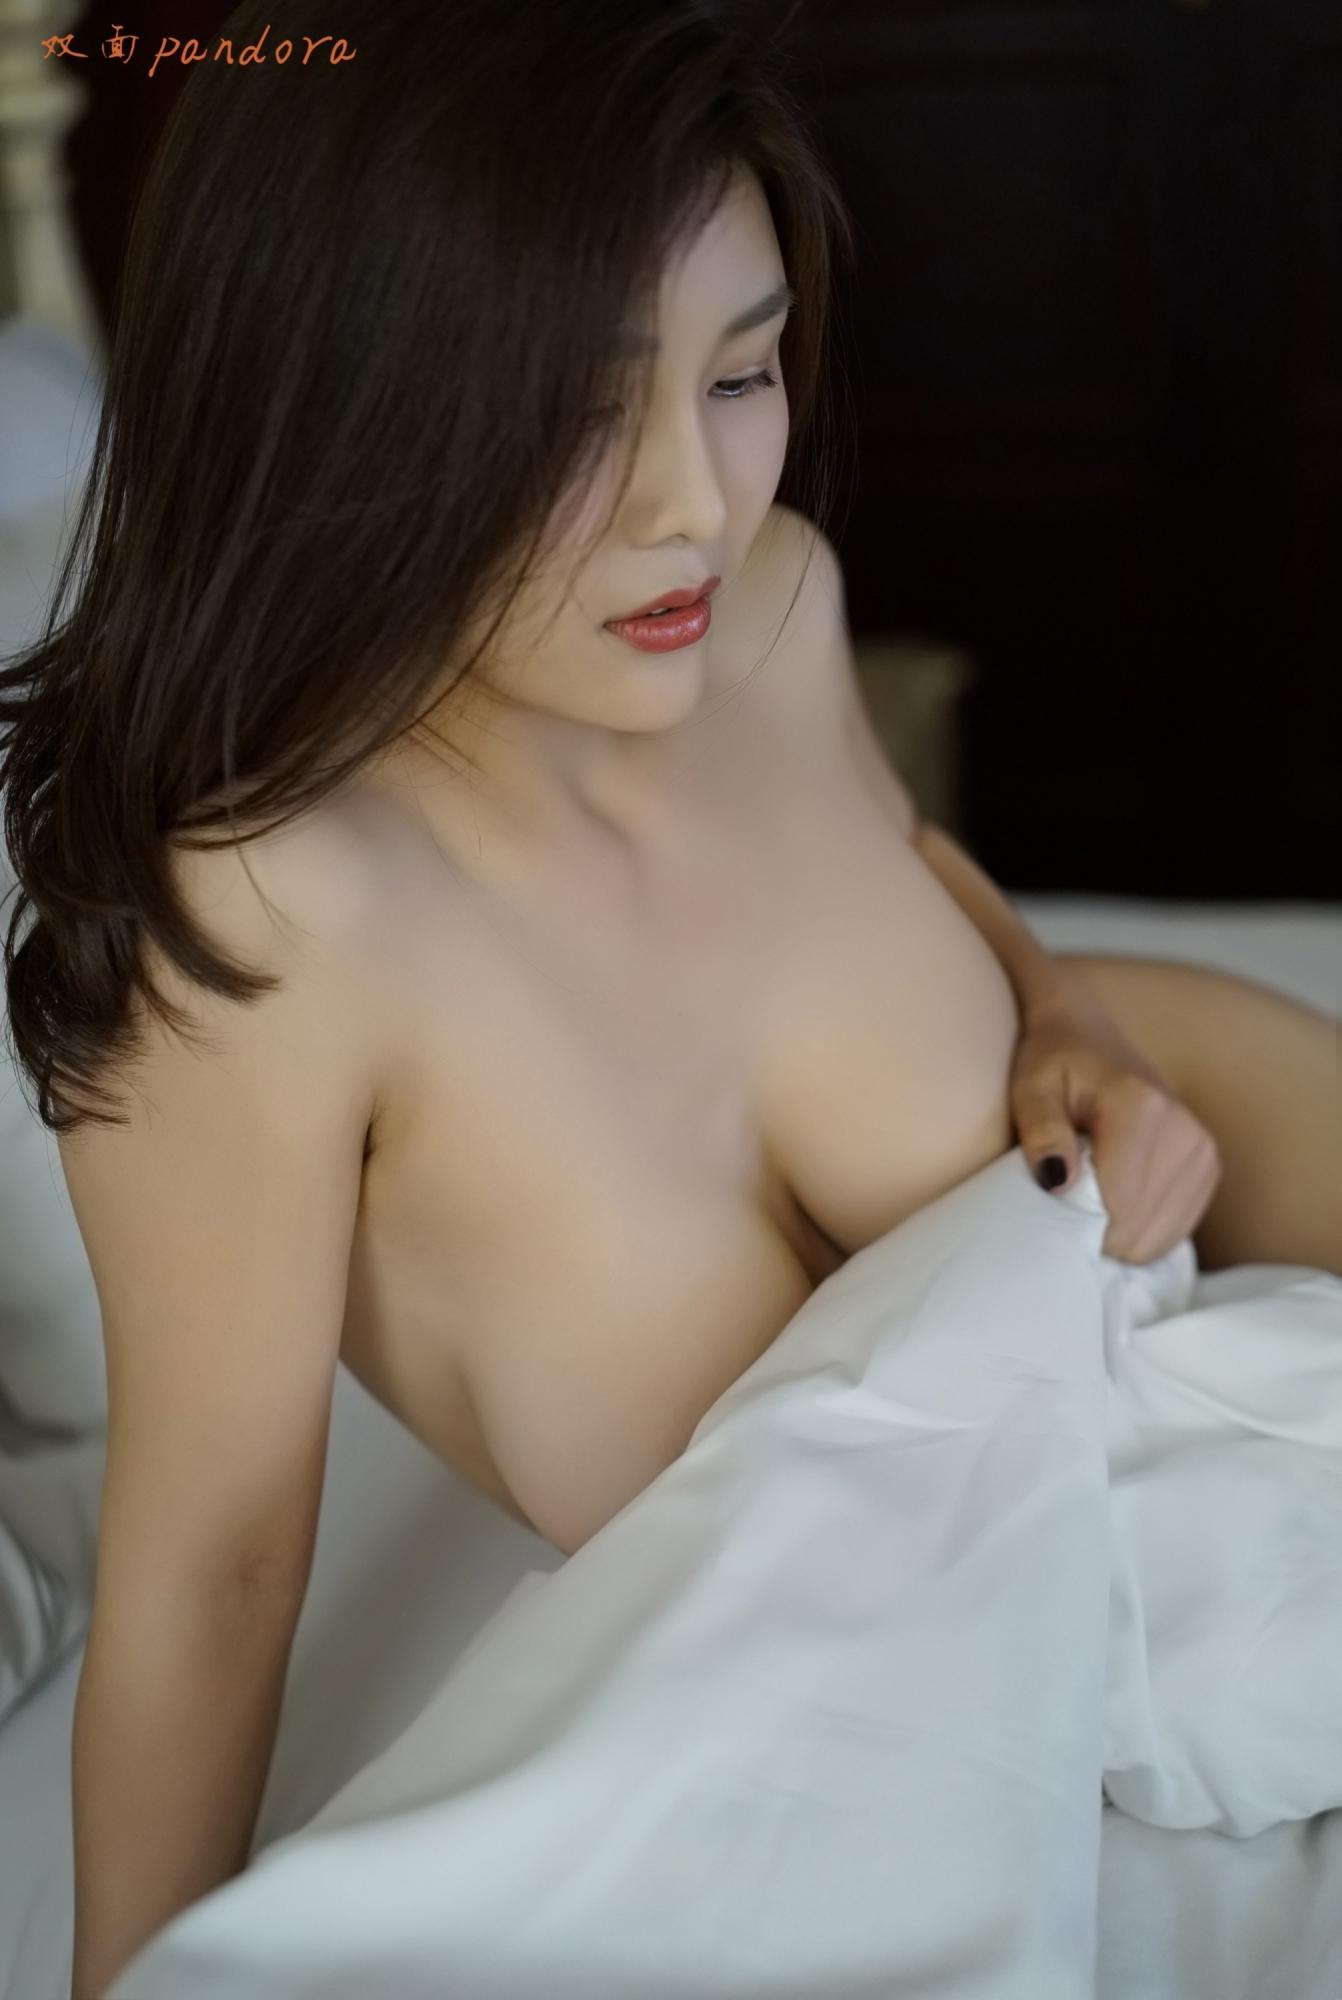 福利姬-闫盼盼《 極致誘惑完整版 》無聖光大尺度 福利帖【45P】